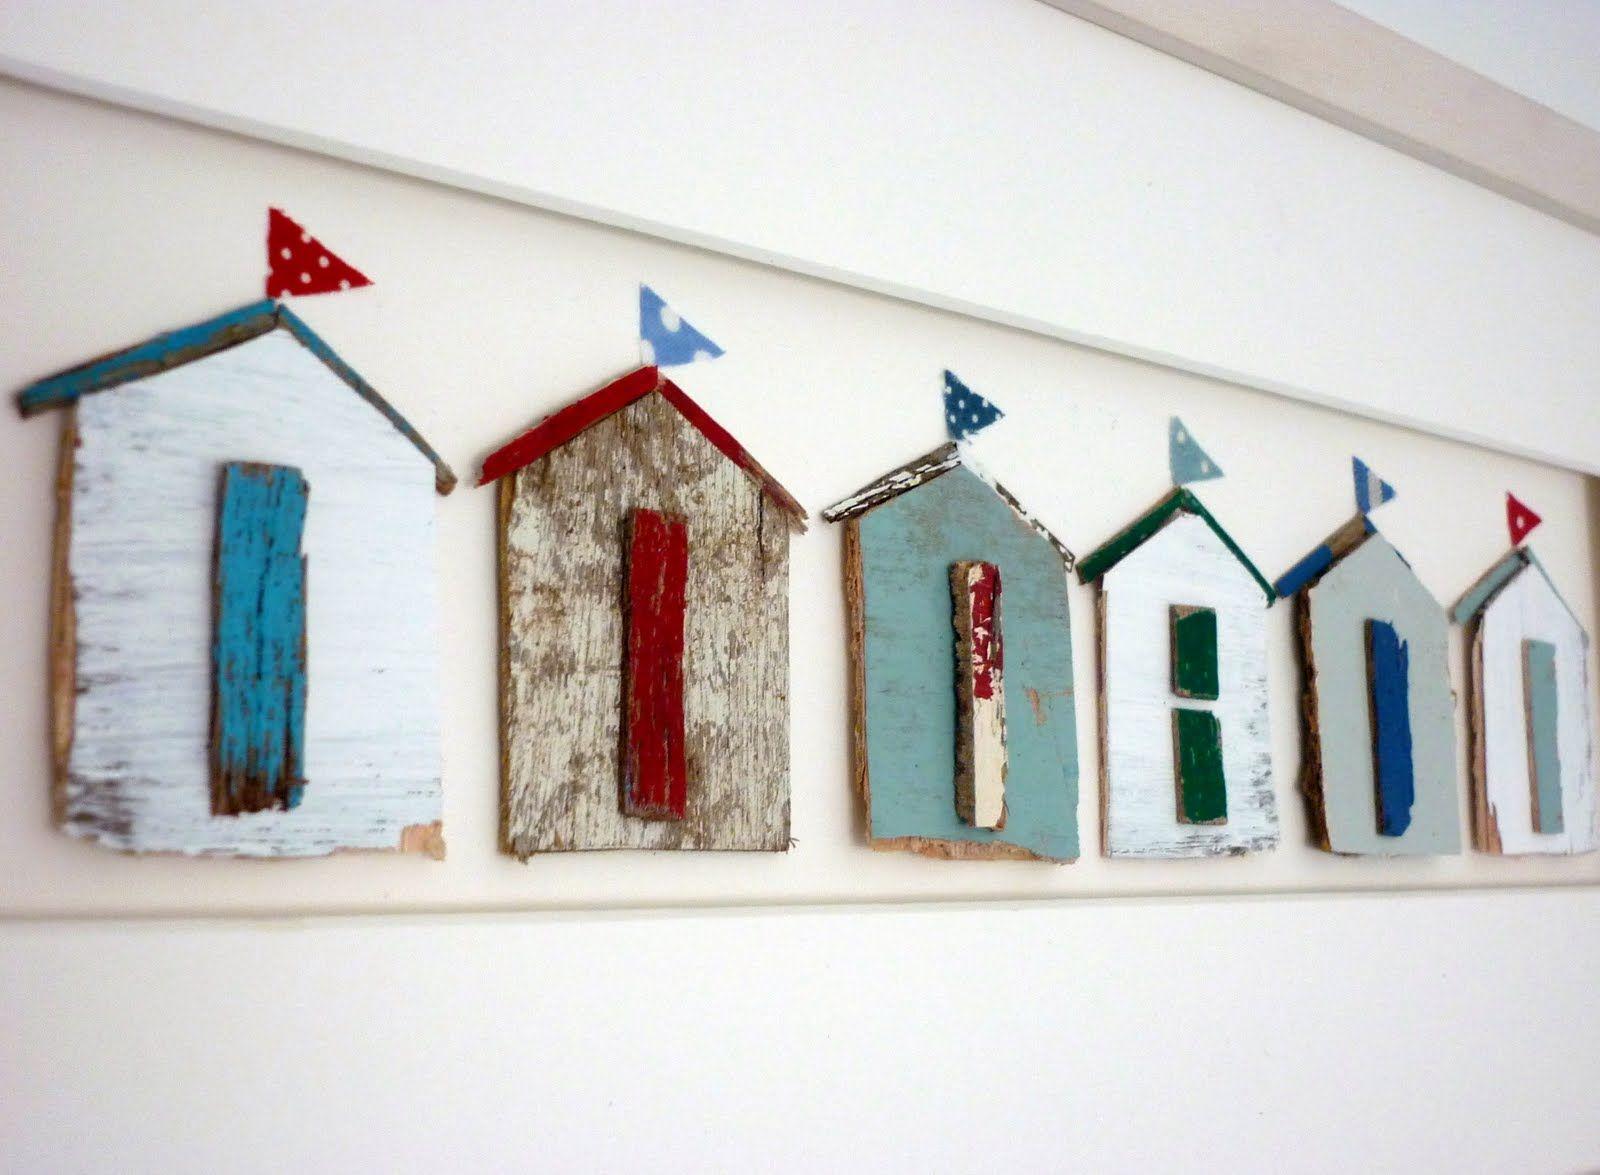 nordische, kühle Farben passend kombinieren   Schulkunst   Pinterest ...